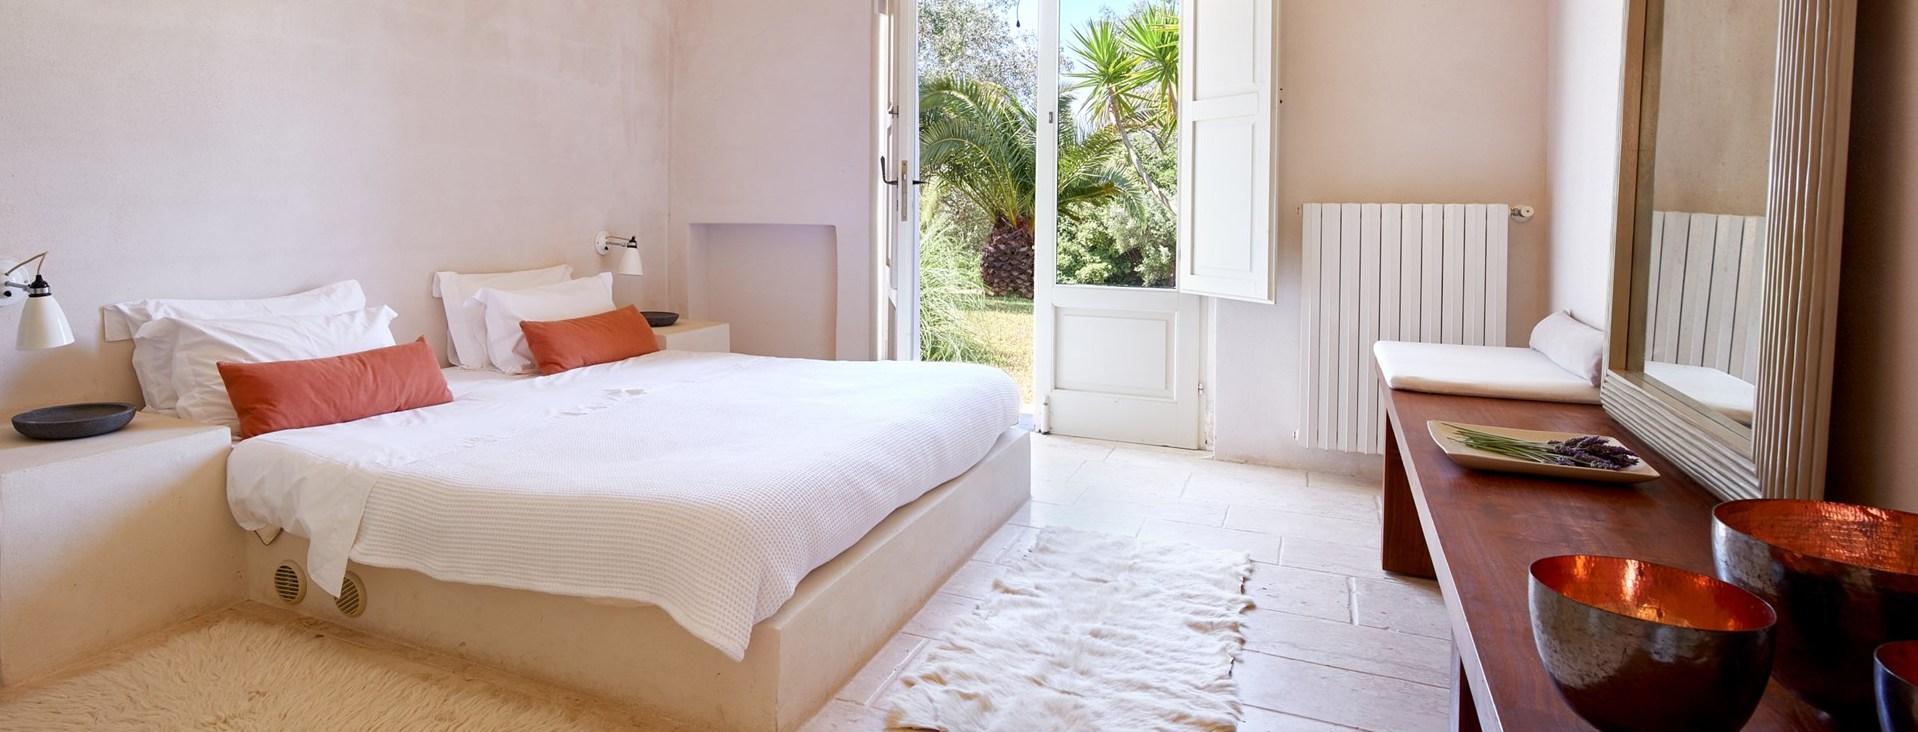 la-moresca-double-bedroom1